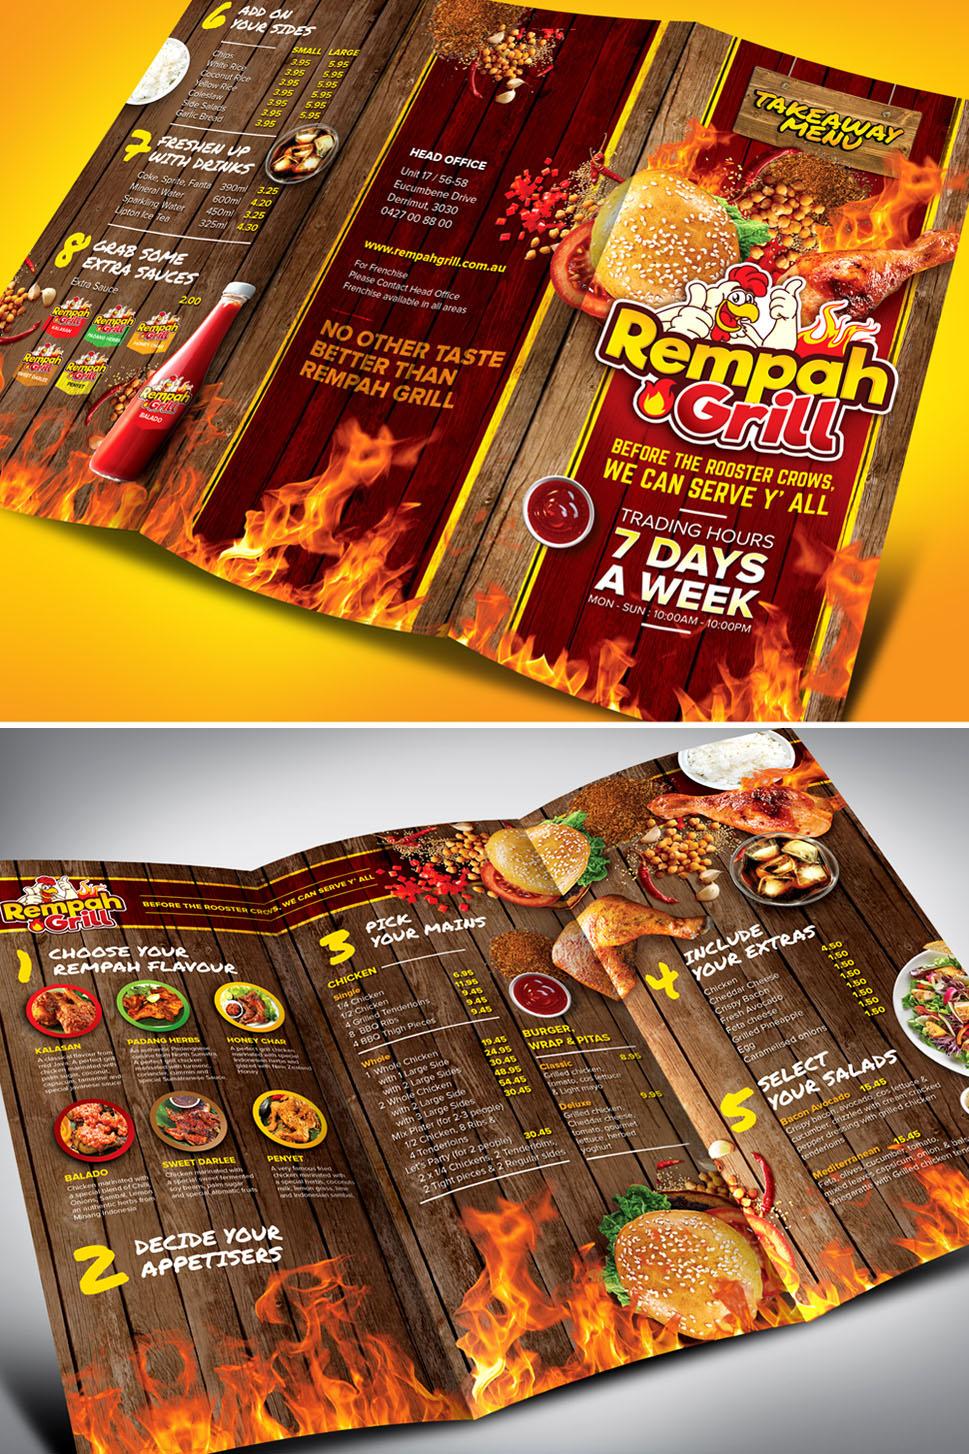 Contoh Brosur Catering : contoh, brosur, catering, Desain, Brosur, Makanan, Minuman, Online, Sribu